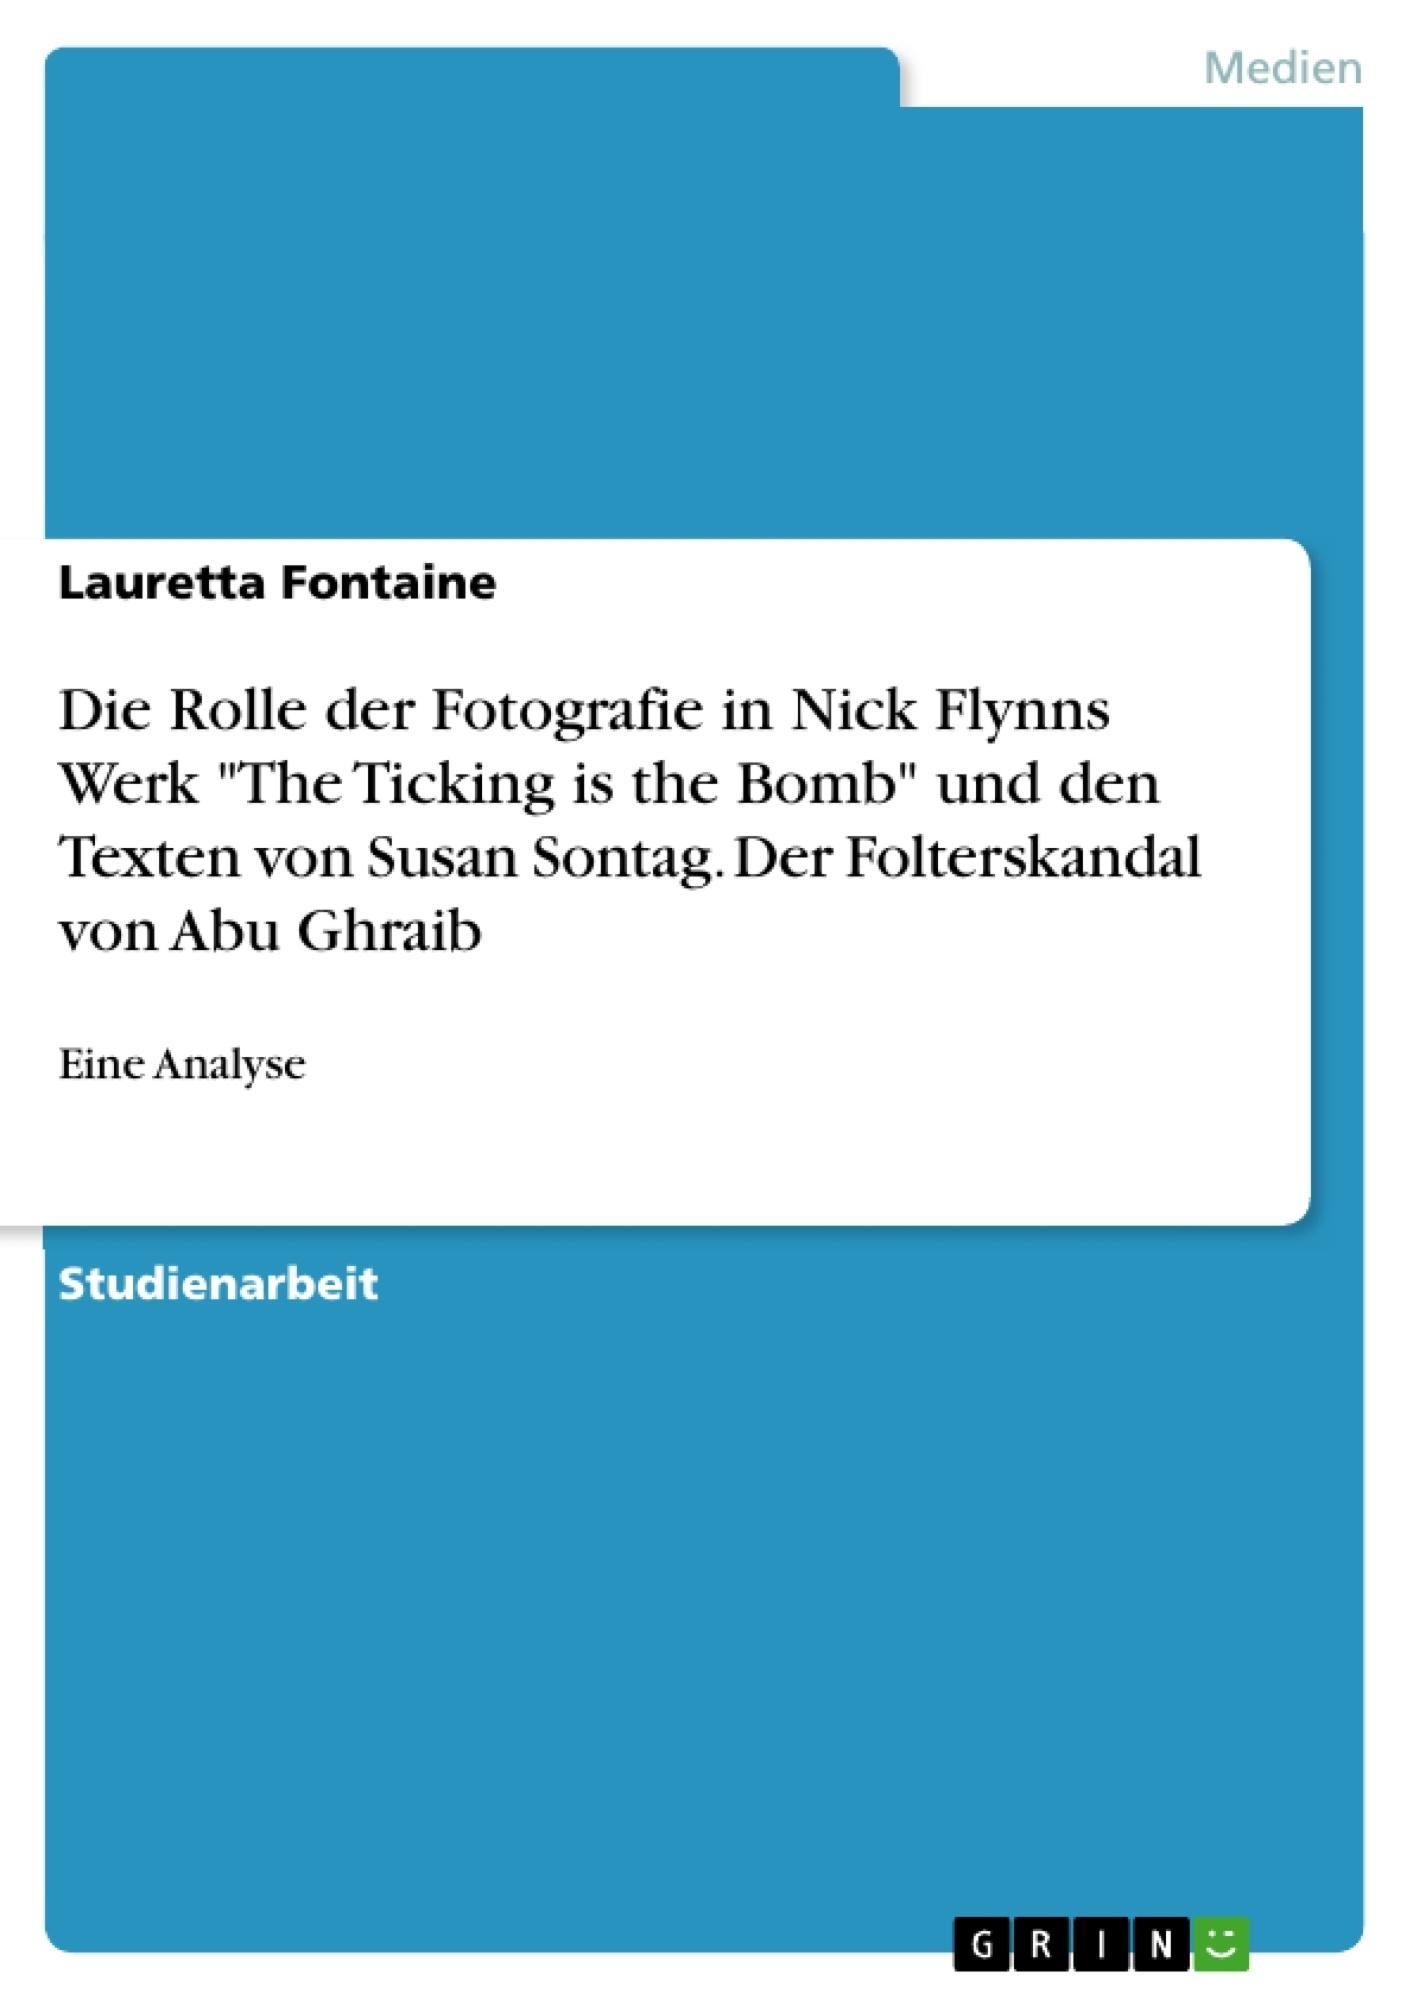 """Titel: Die Rolle der Fotografie in Nick Flynns Werk """"The Ticking is the Bomb"""" und den Texten von Susan Sontag. Der Folterskandal von Abu Ghraib"""